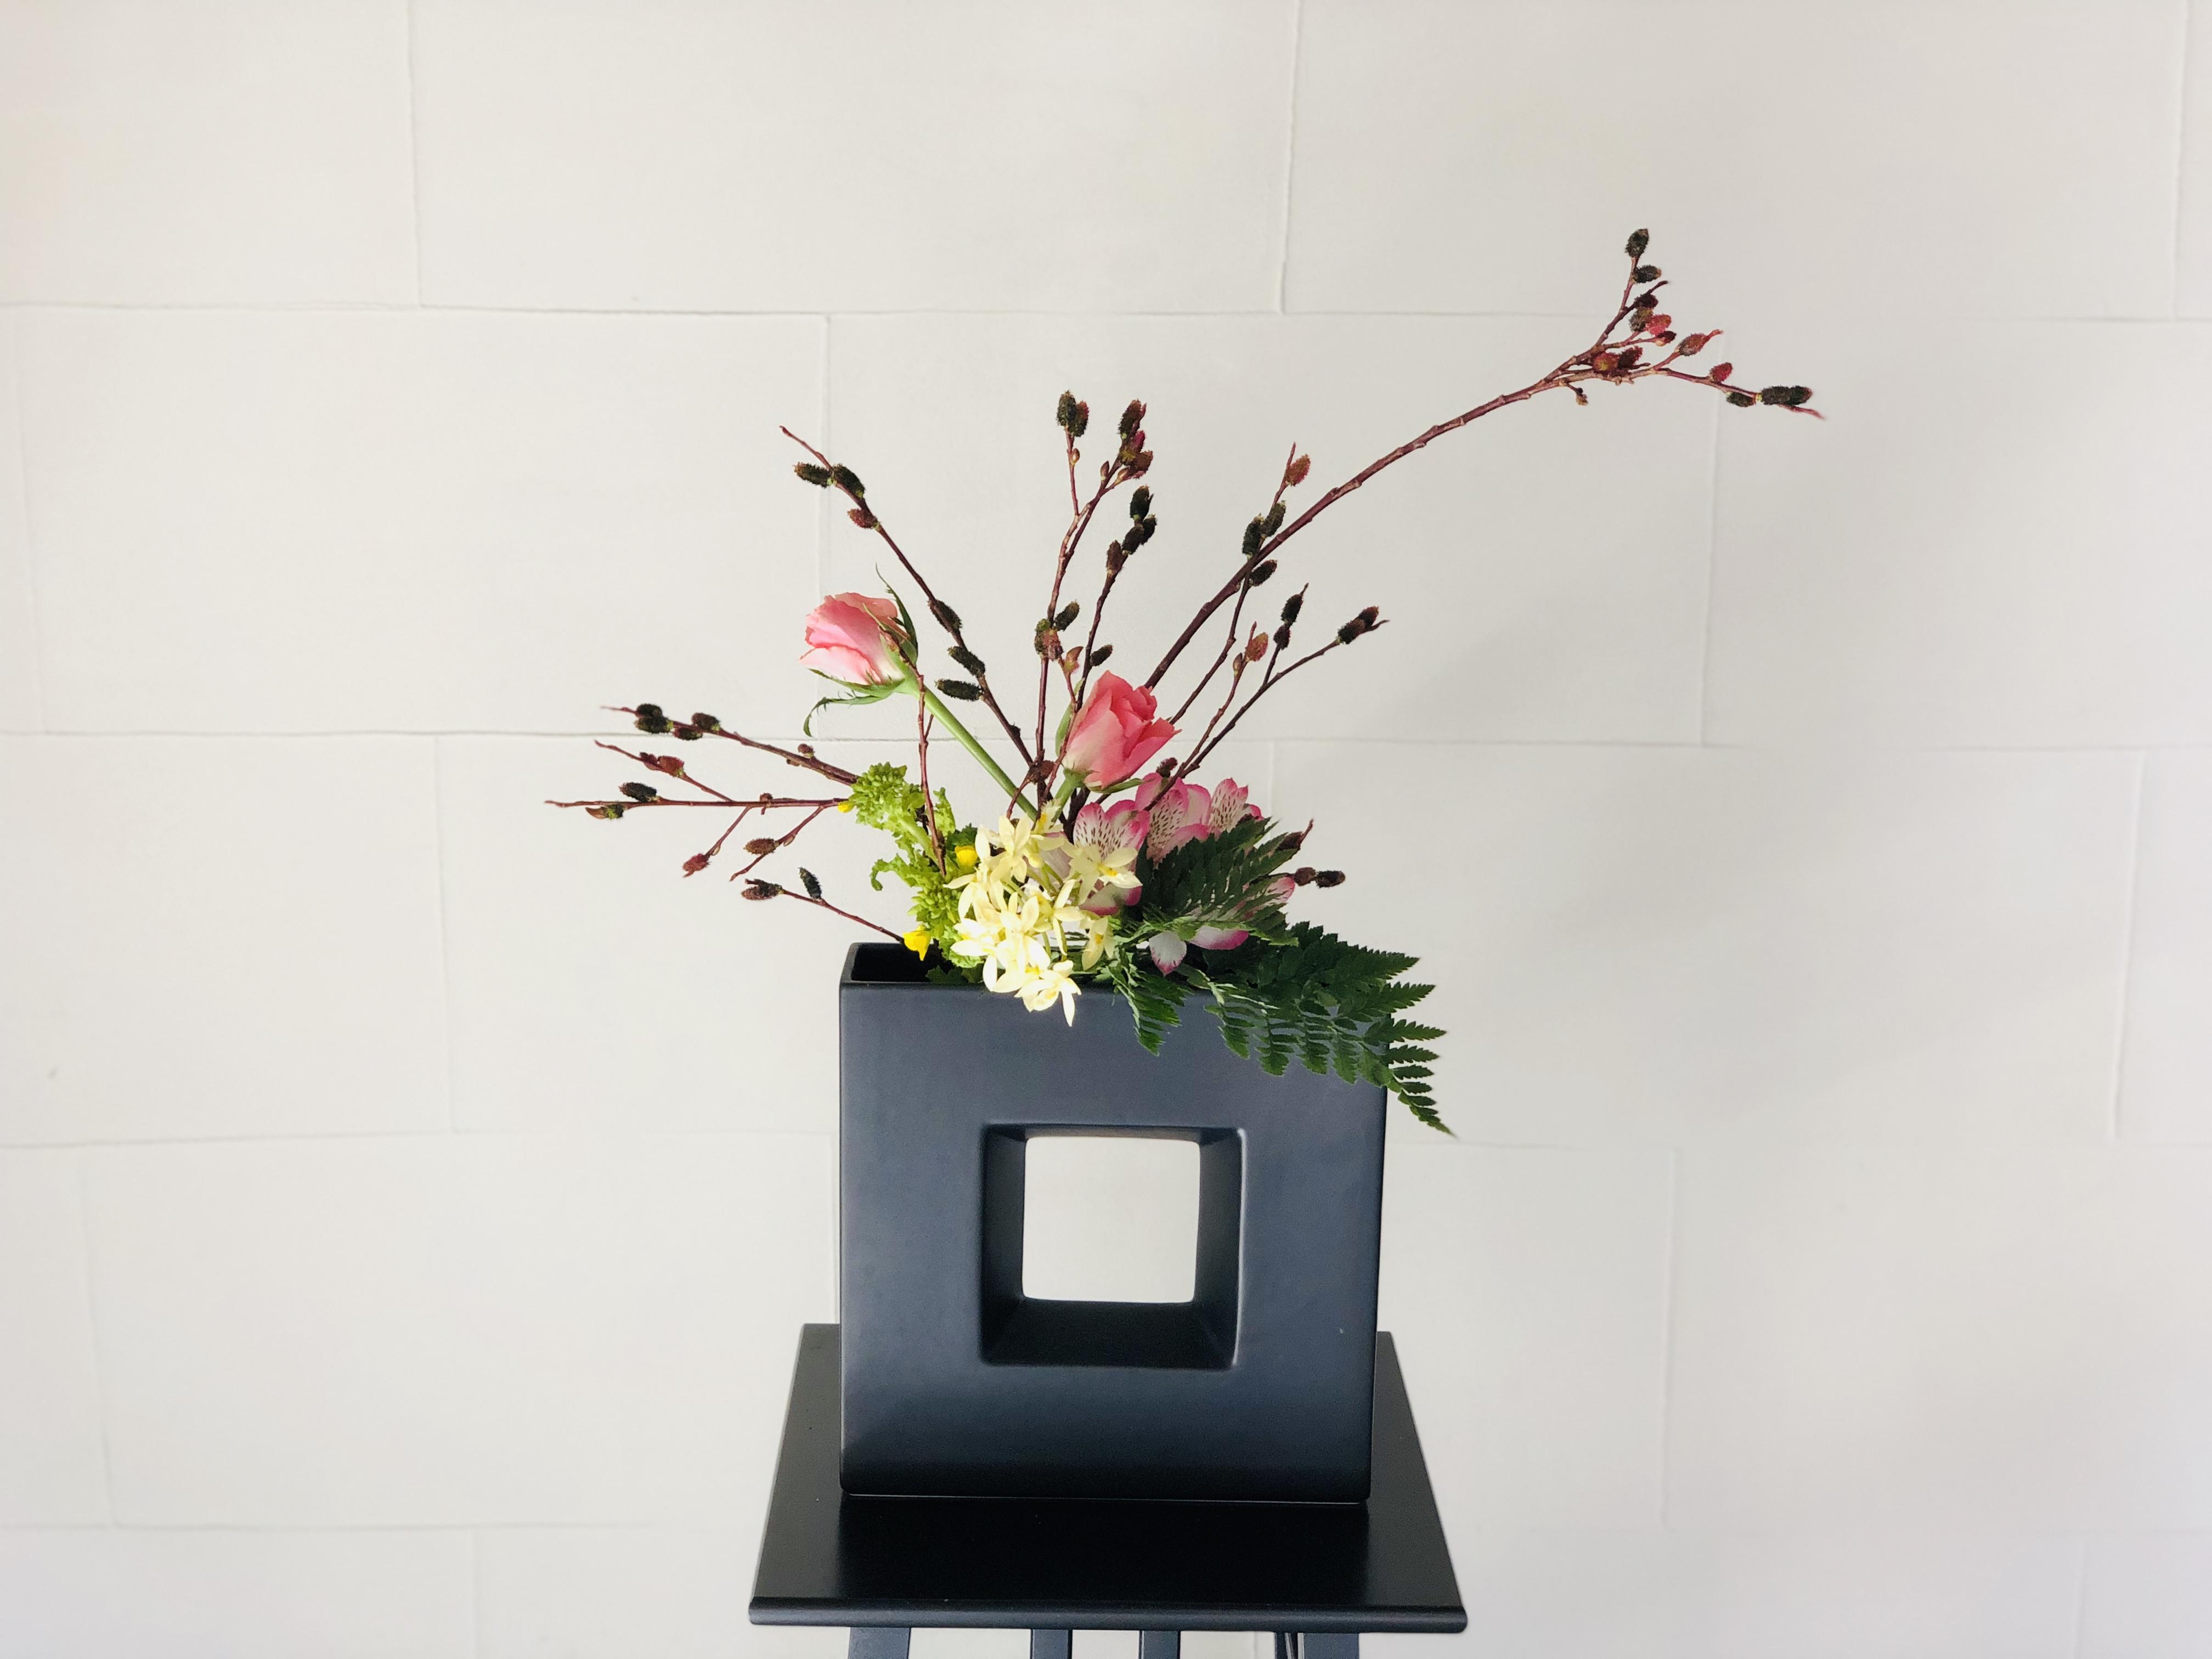 黒猫柳の生け花